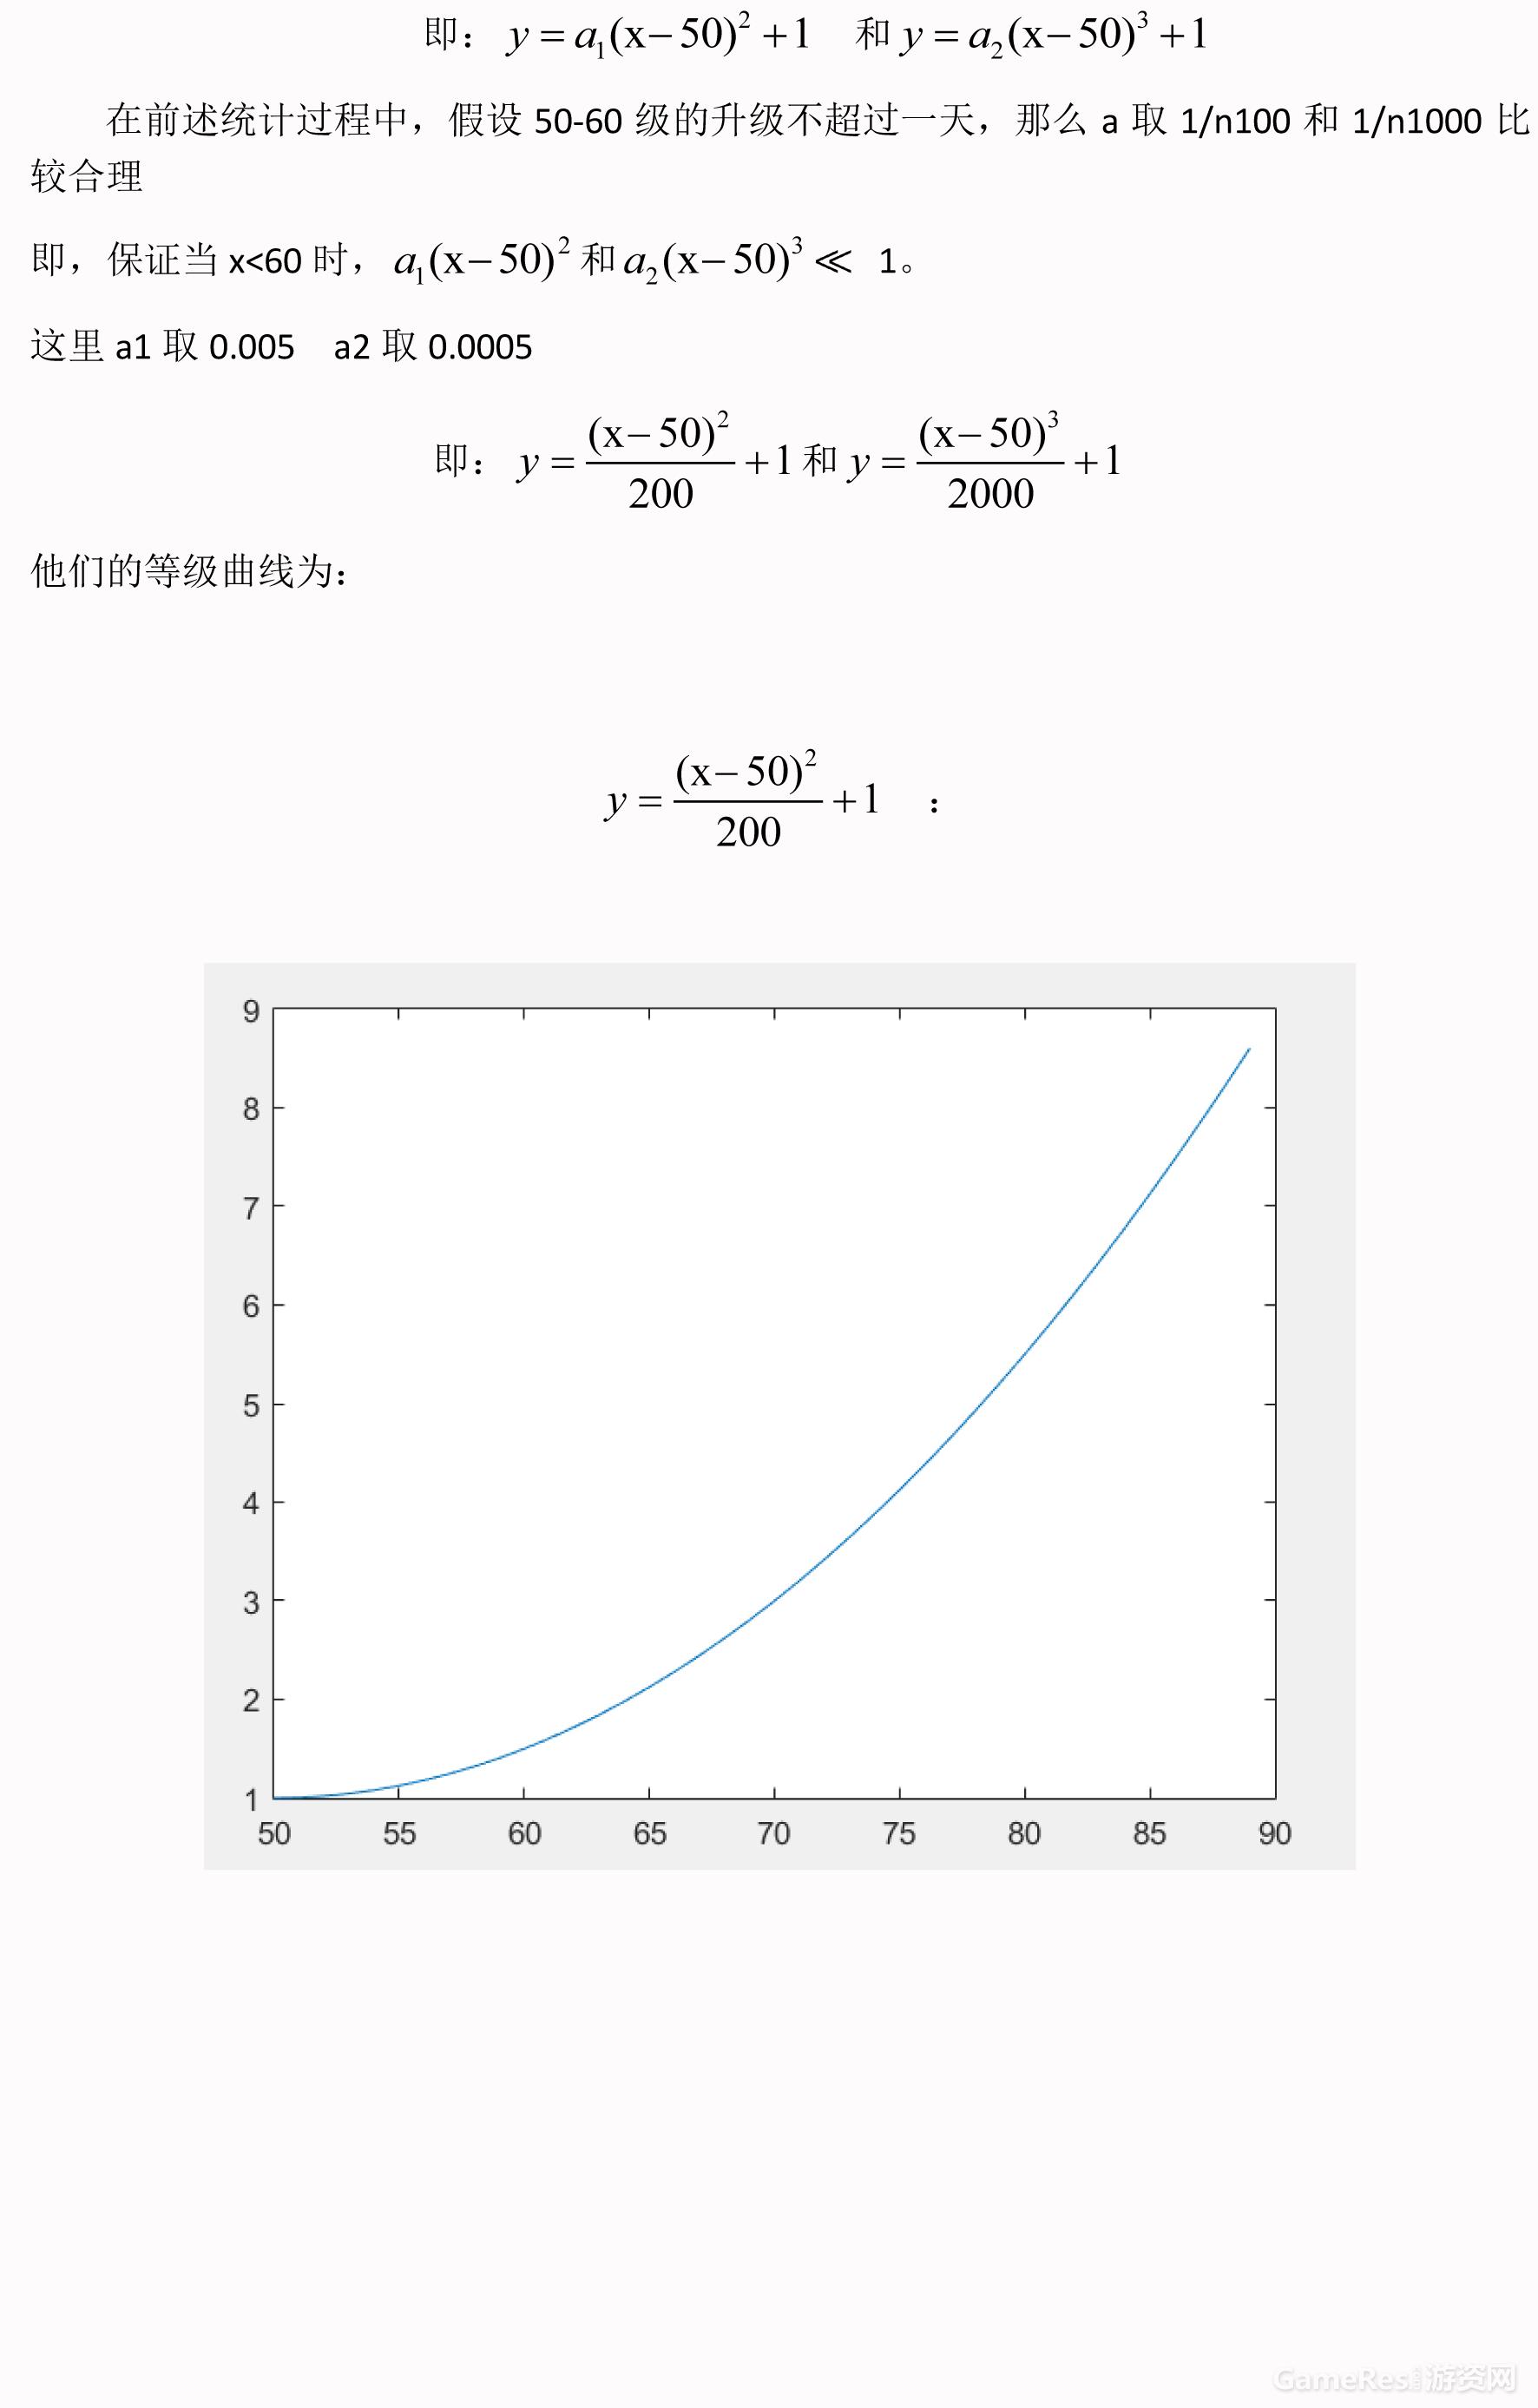 经验公式逆推-5.png